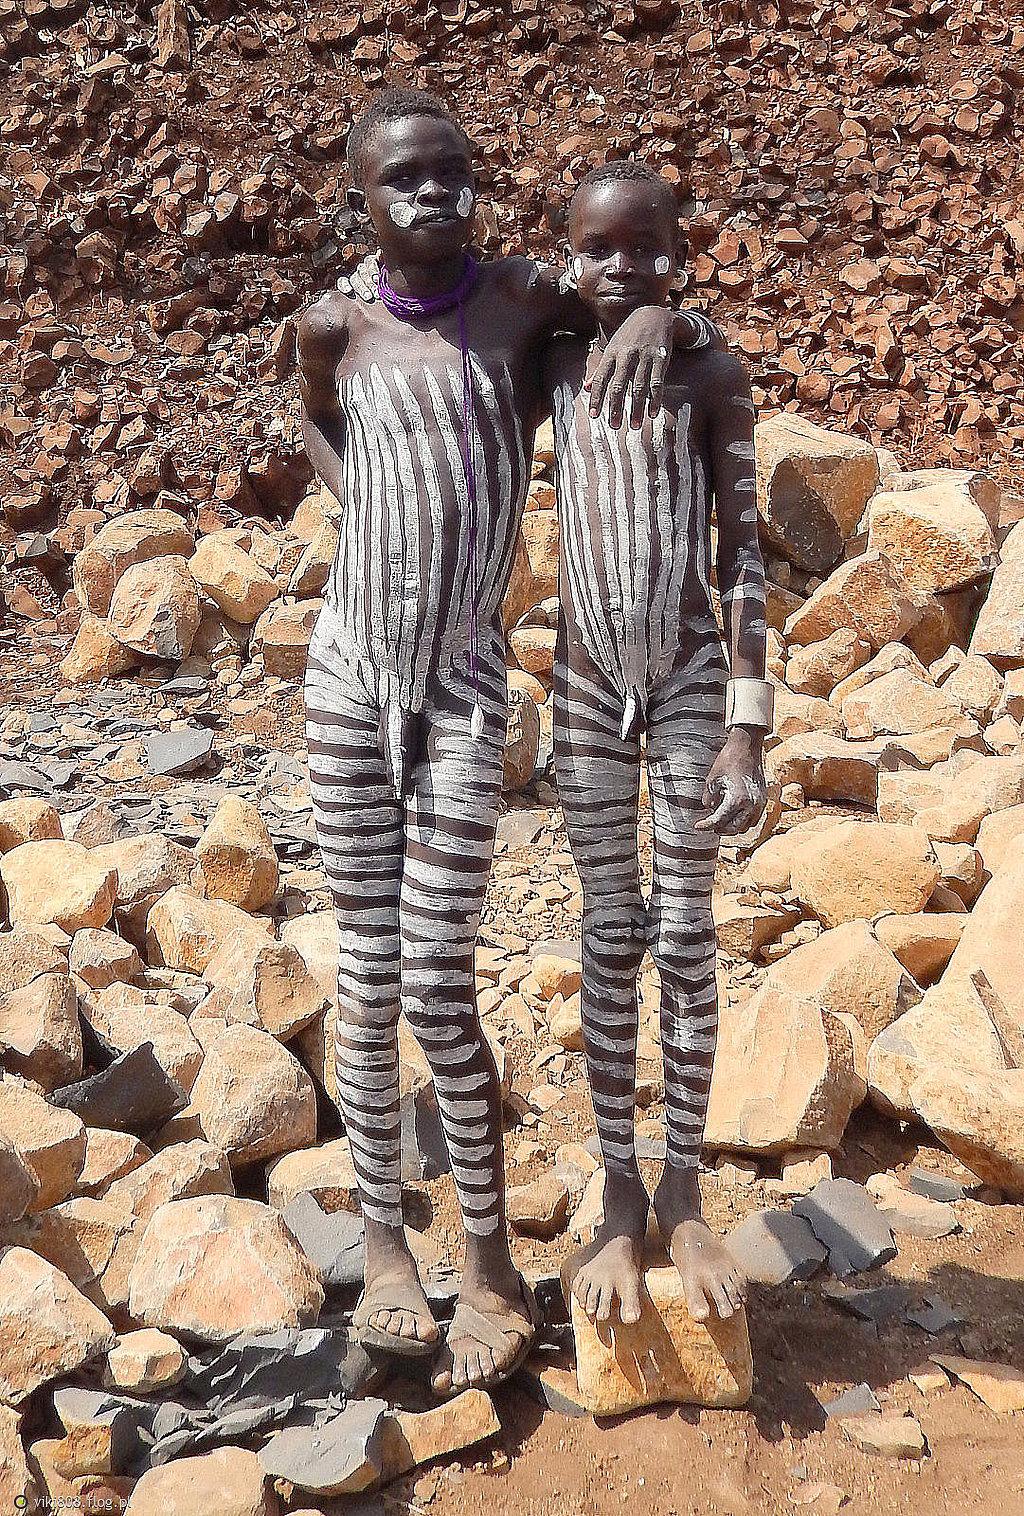 zebra to jest afrykańskie zwierzę, ale nie zawsze oczom swoim wierzę...